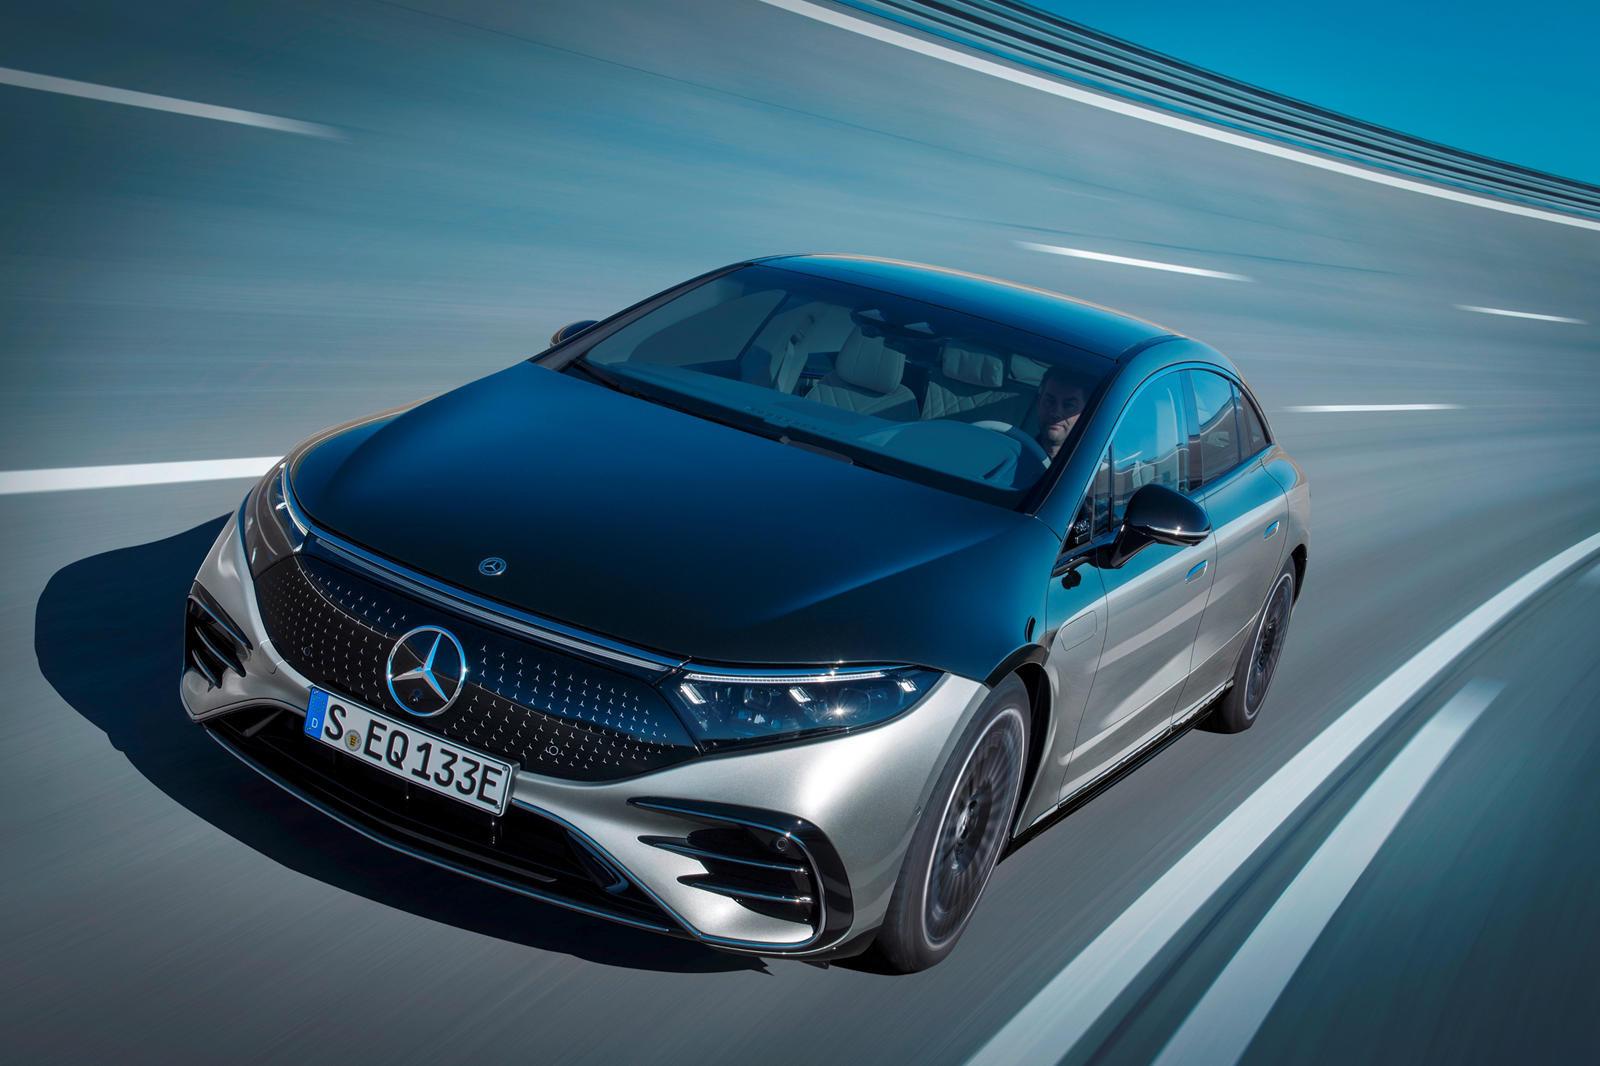 Mercedes chuyển sang đội hình chạy điện hoàn toàn vào năm 2030